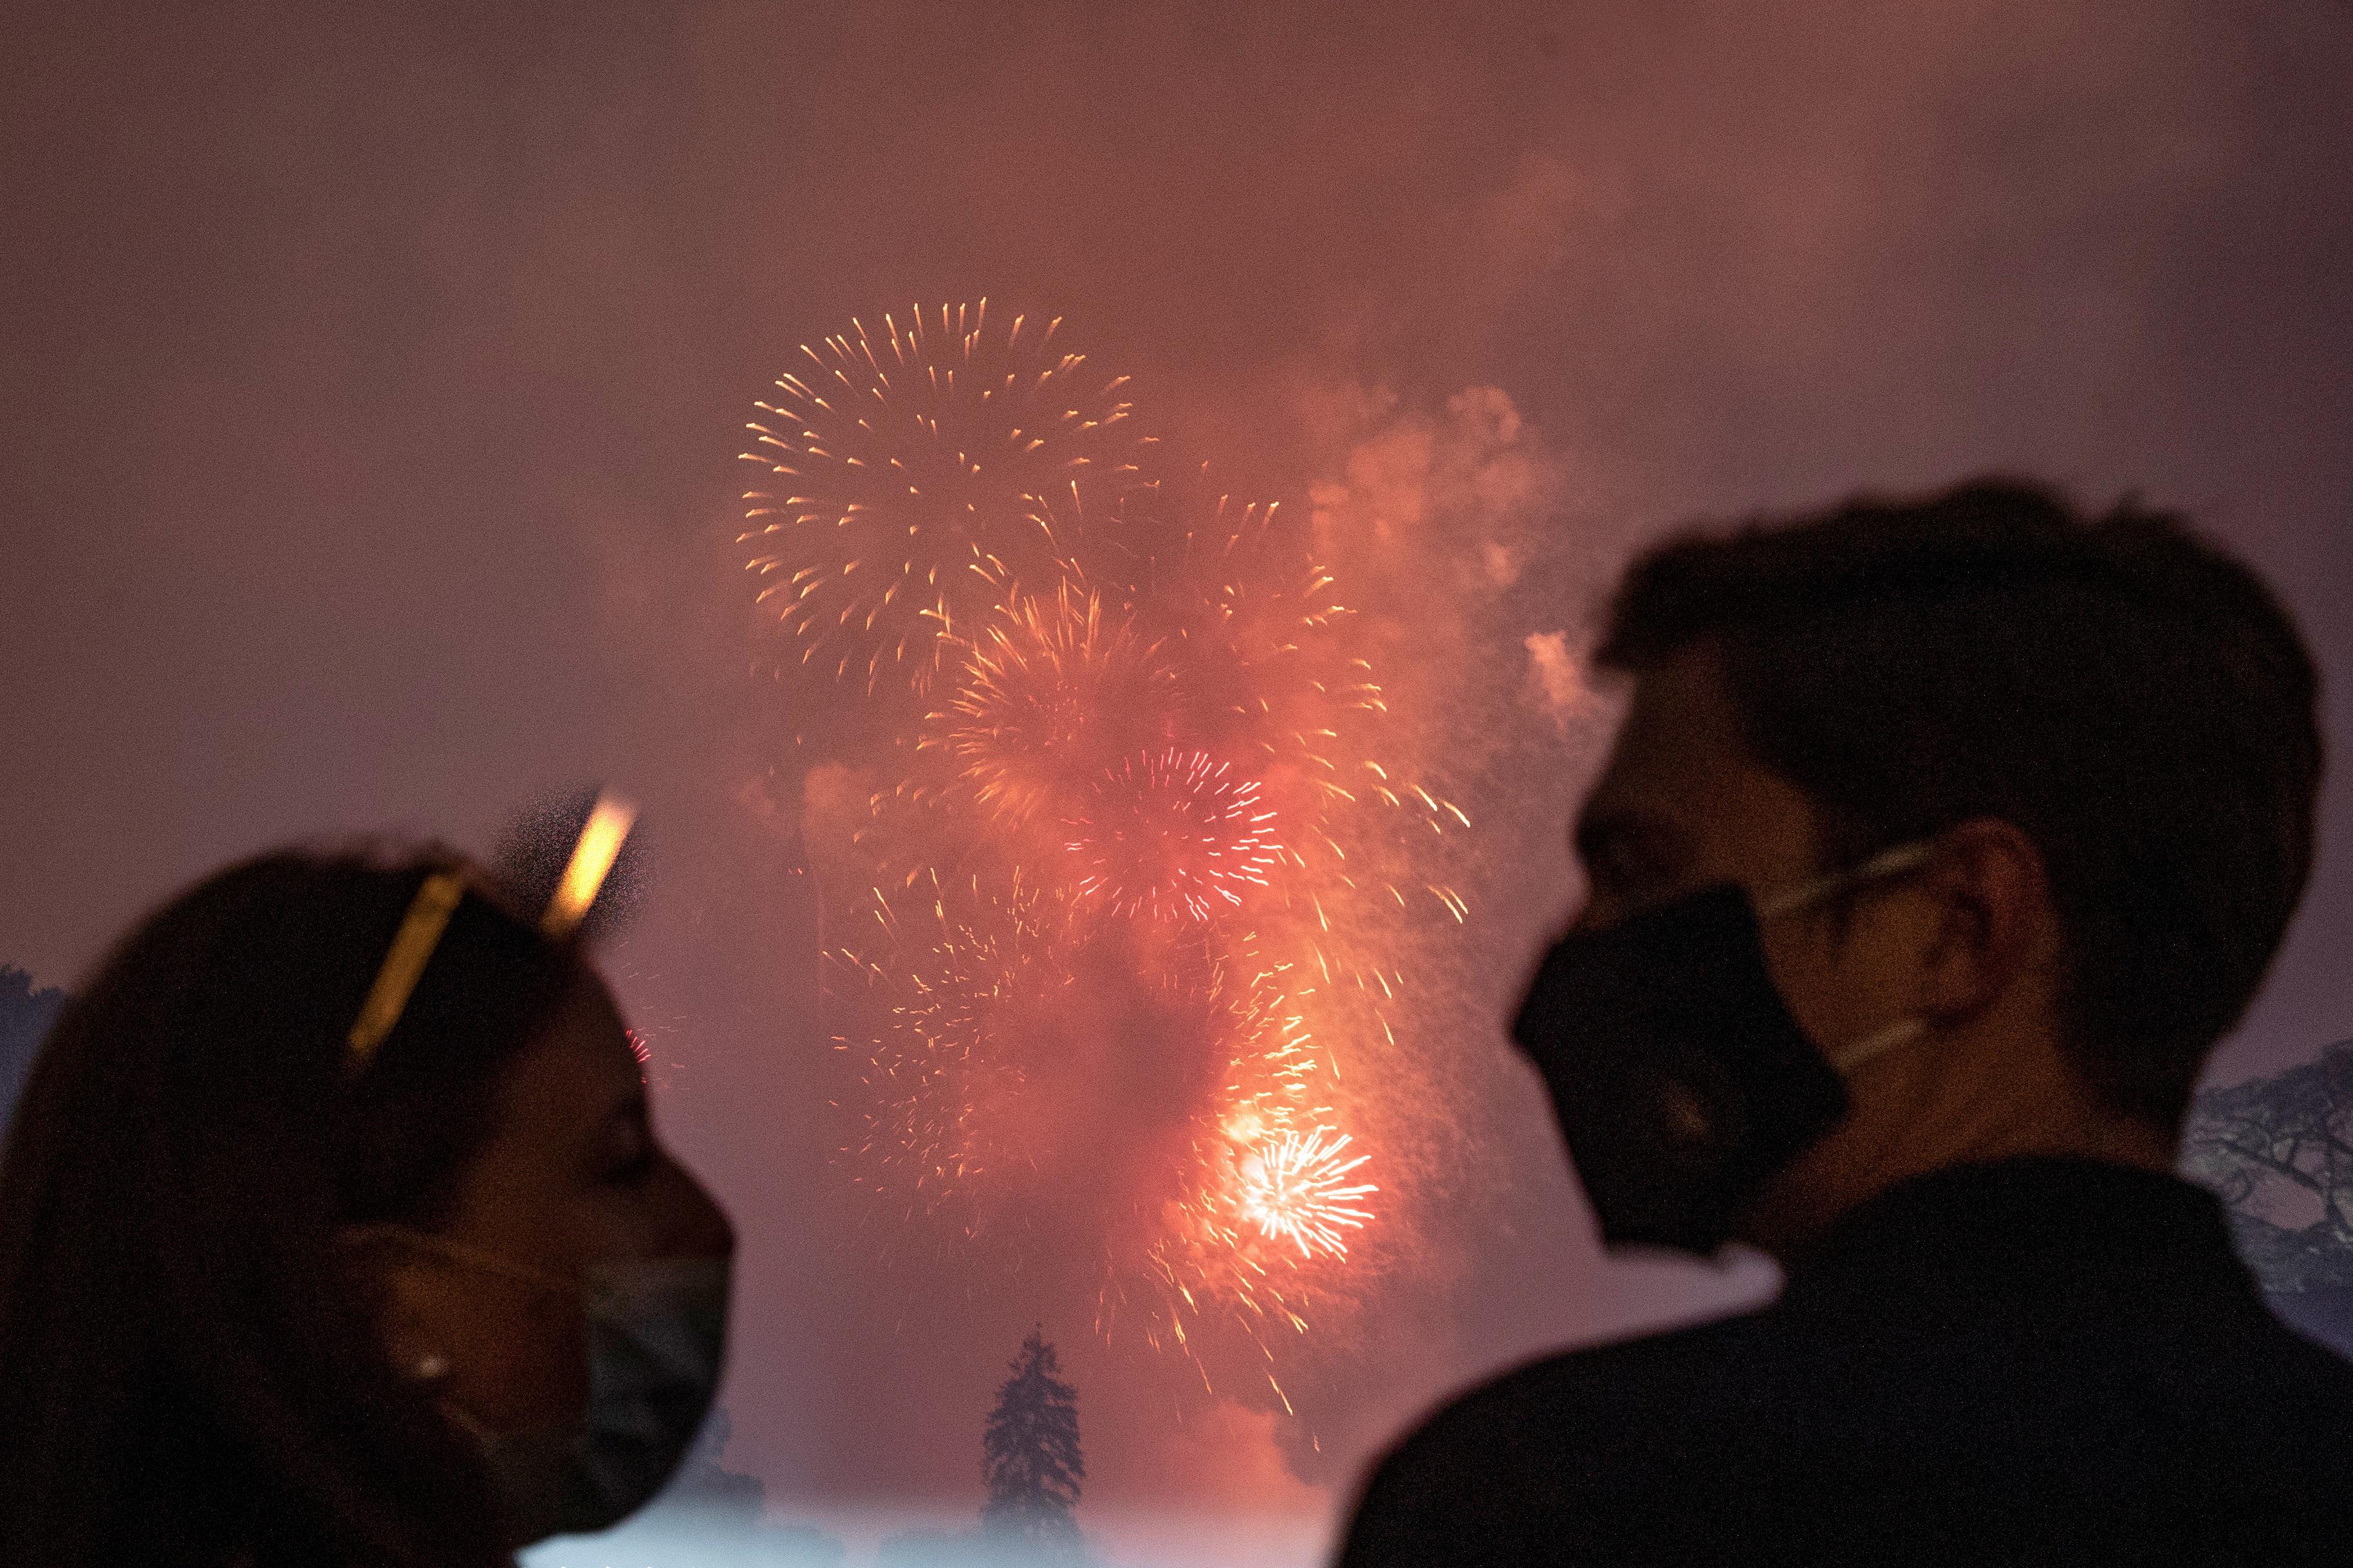 Una pareja se mira utilizando tapabocas mientras se ven los fuegos artificiales al fondo